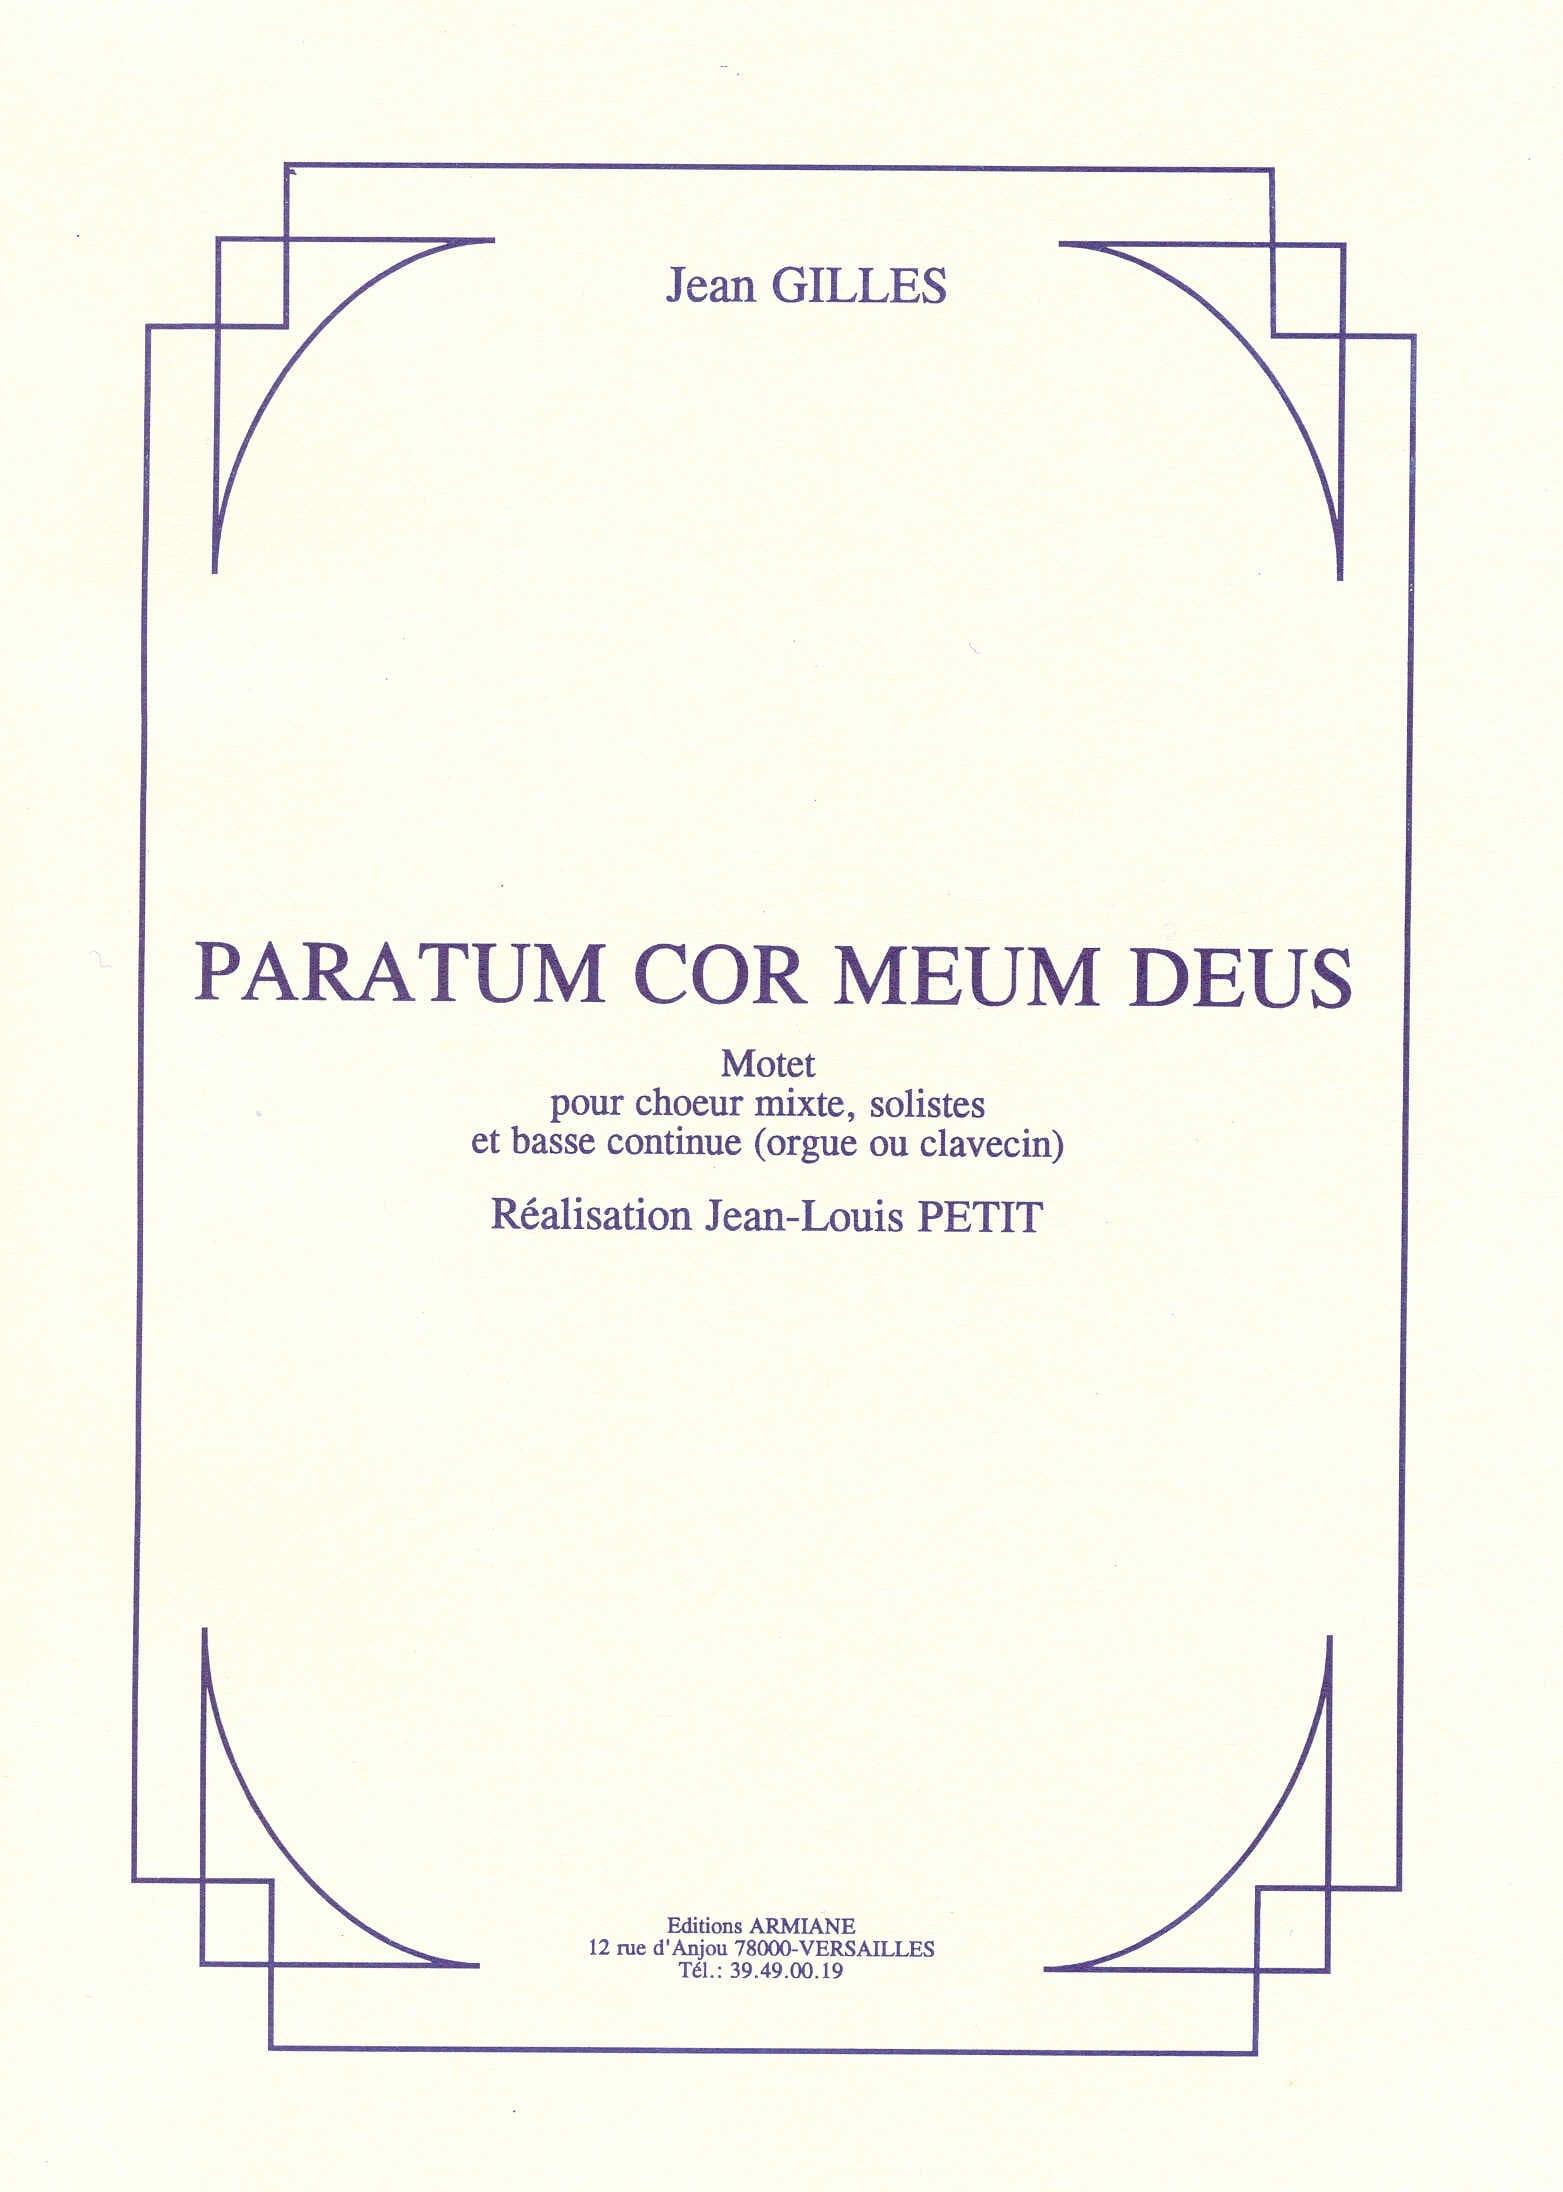 Paratum Cor Meum Deus - Jean Gilles - Partition - laflutedepan.com